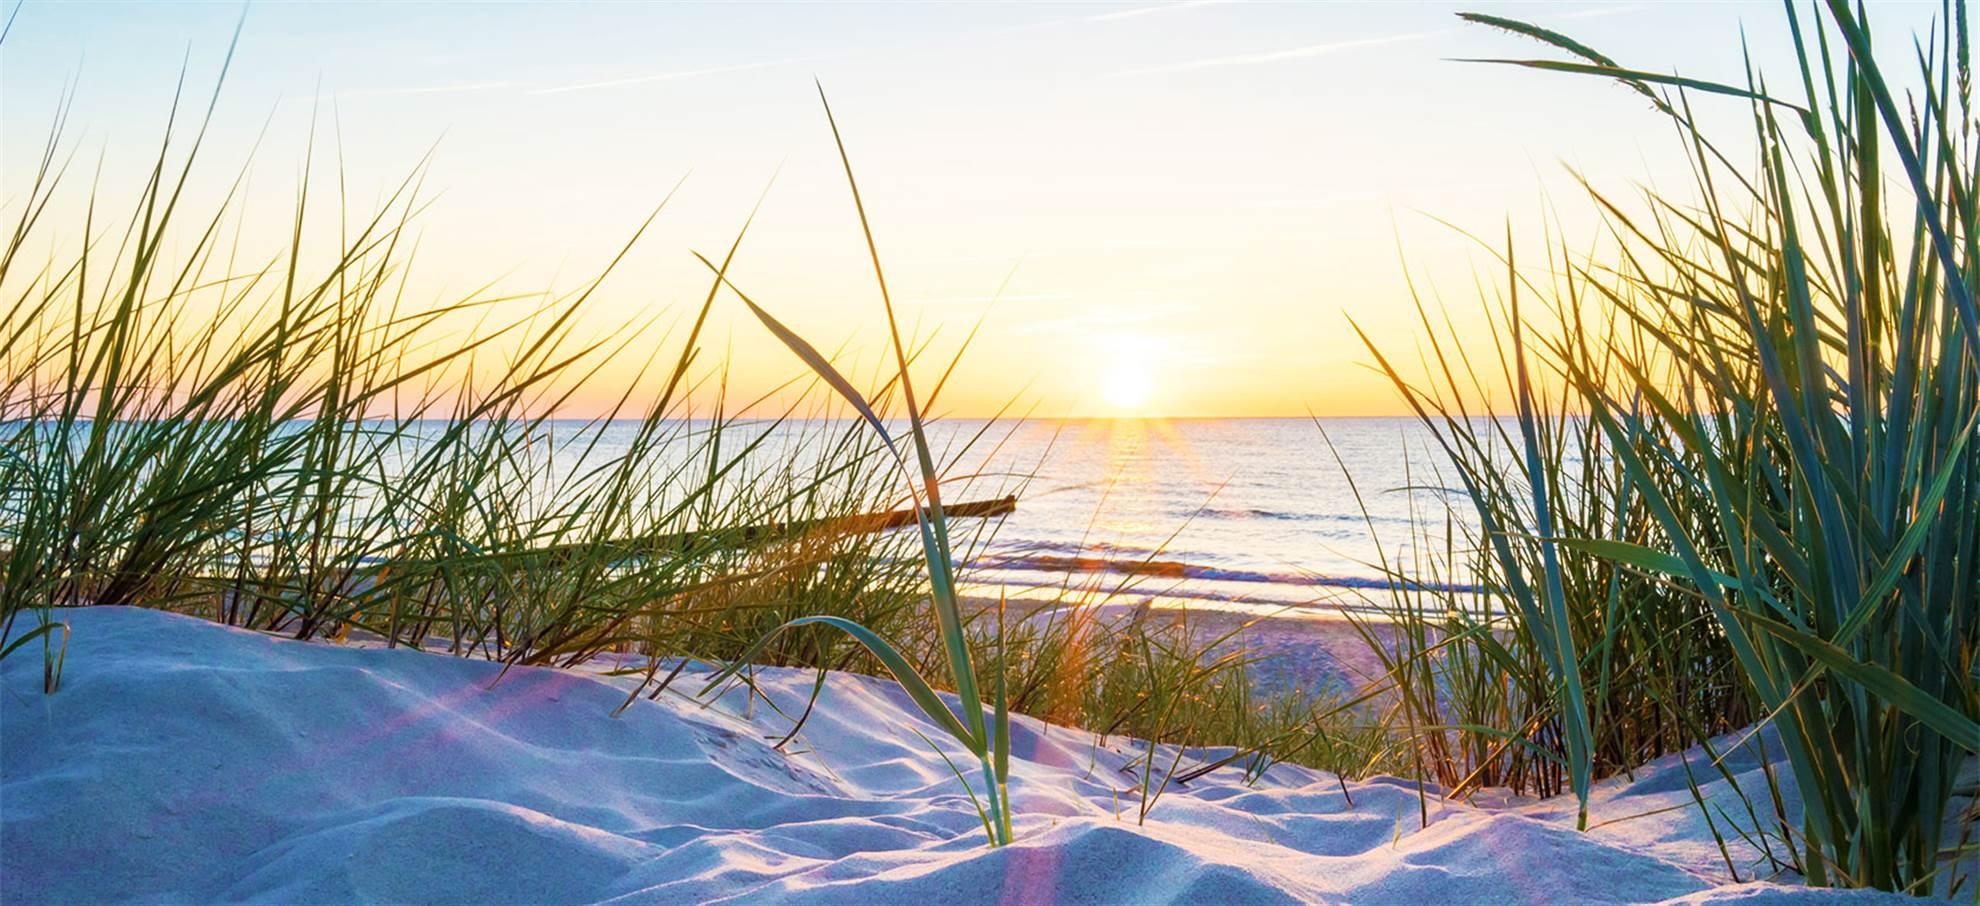 Escursione sulle dune e in spiaggia: scopri la costa! (Attivo e Prenotabile)